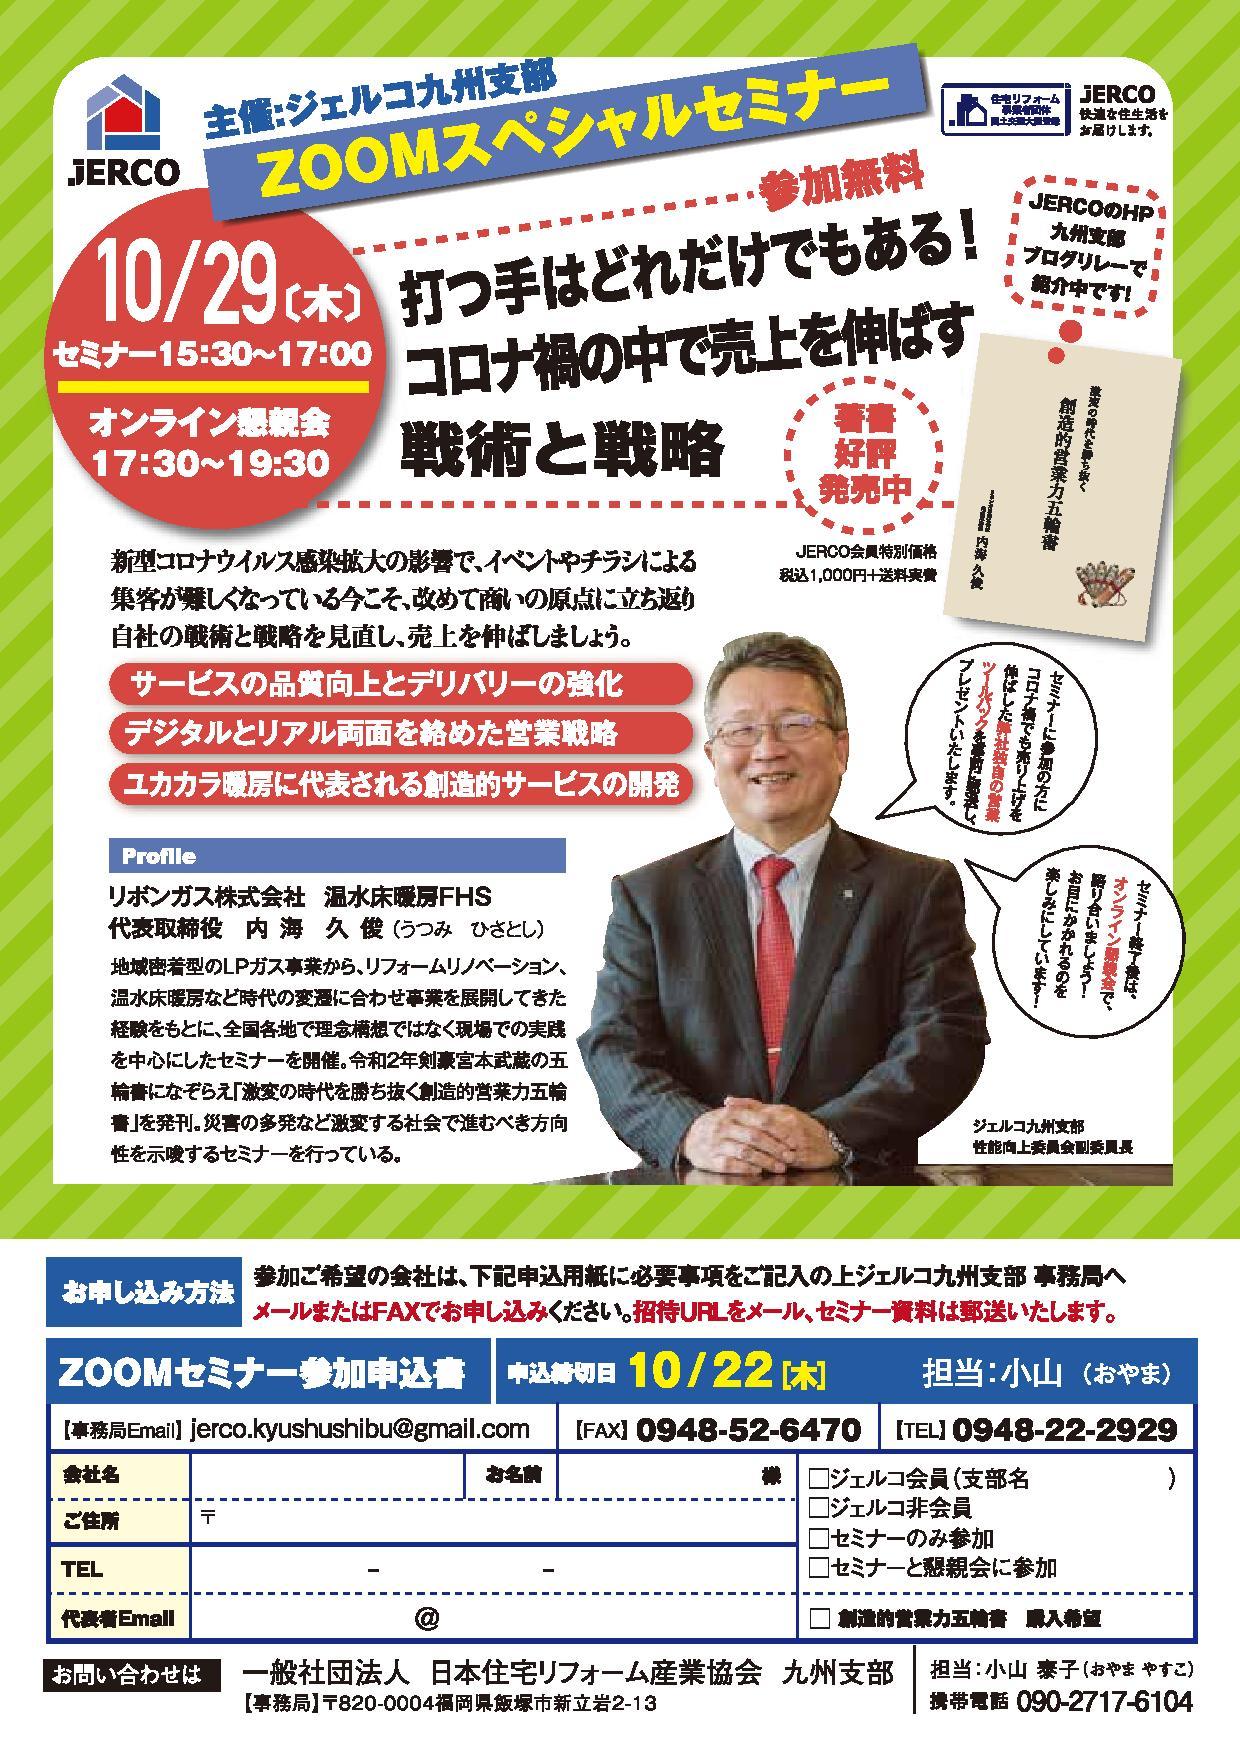 ジェルコ九州支部主催 10月ZOOMスペシャルセミナー